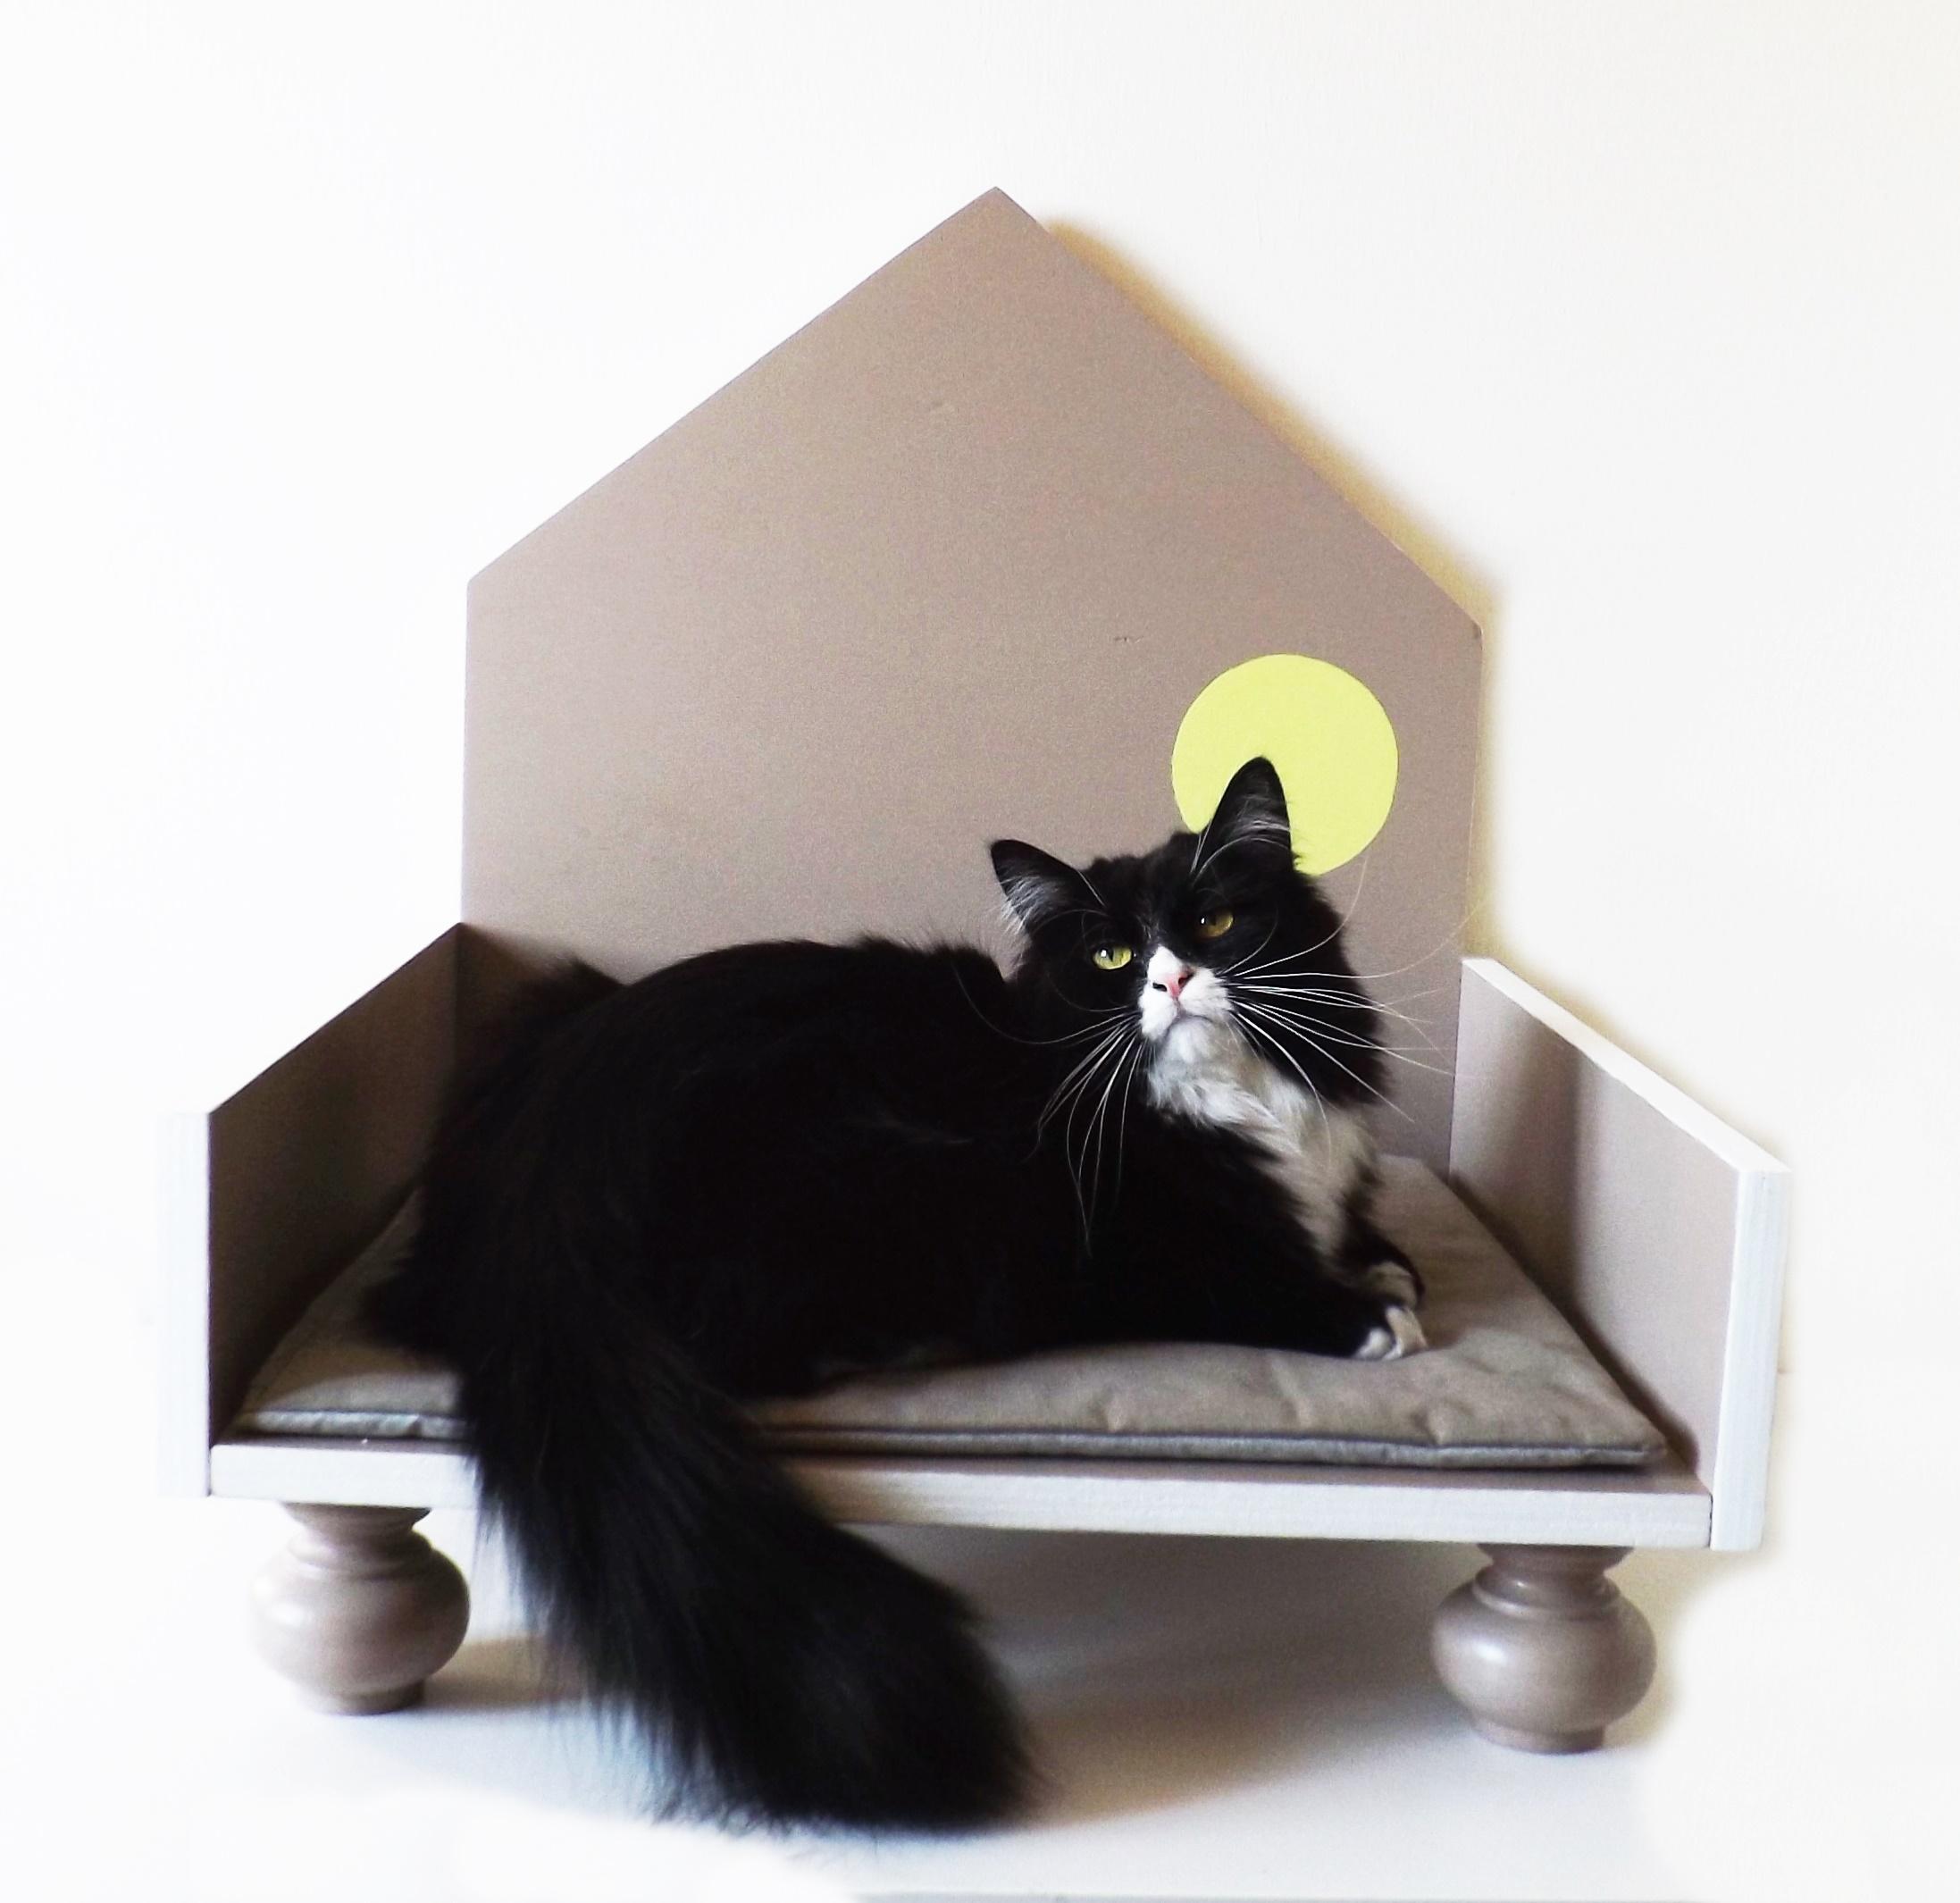 Cucce Design Per Cani cuccia di design in legno per gatti e cani di taglia piccola taglia s_  colore grigio talpa e bianco con pois gialli